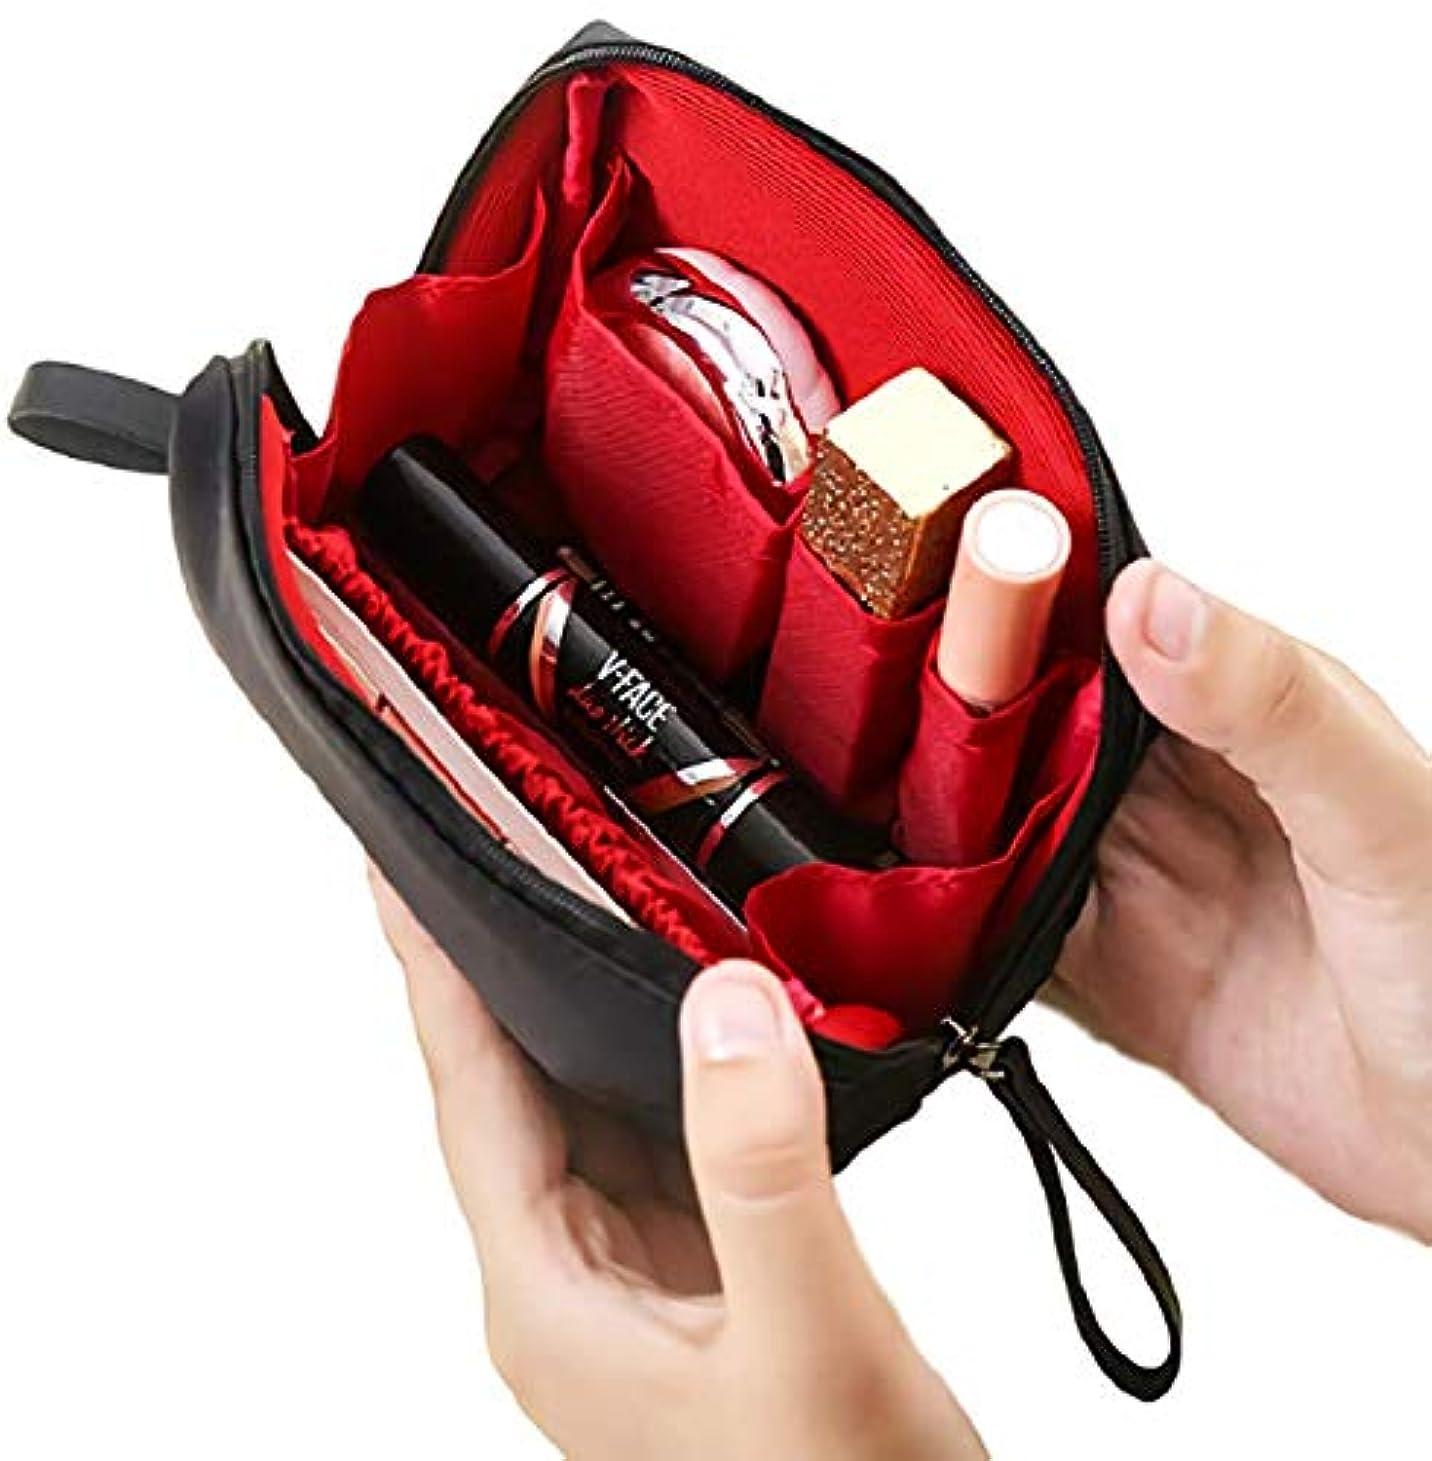 きしむ帆に話す[ウレギッシュ] 化粧ポーチ コンパクト メイクポーチ 化粧品 化粧道具 収納 バッグ (ブラック in レッド)